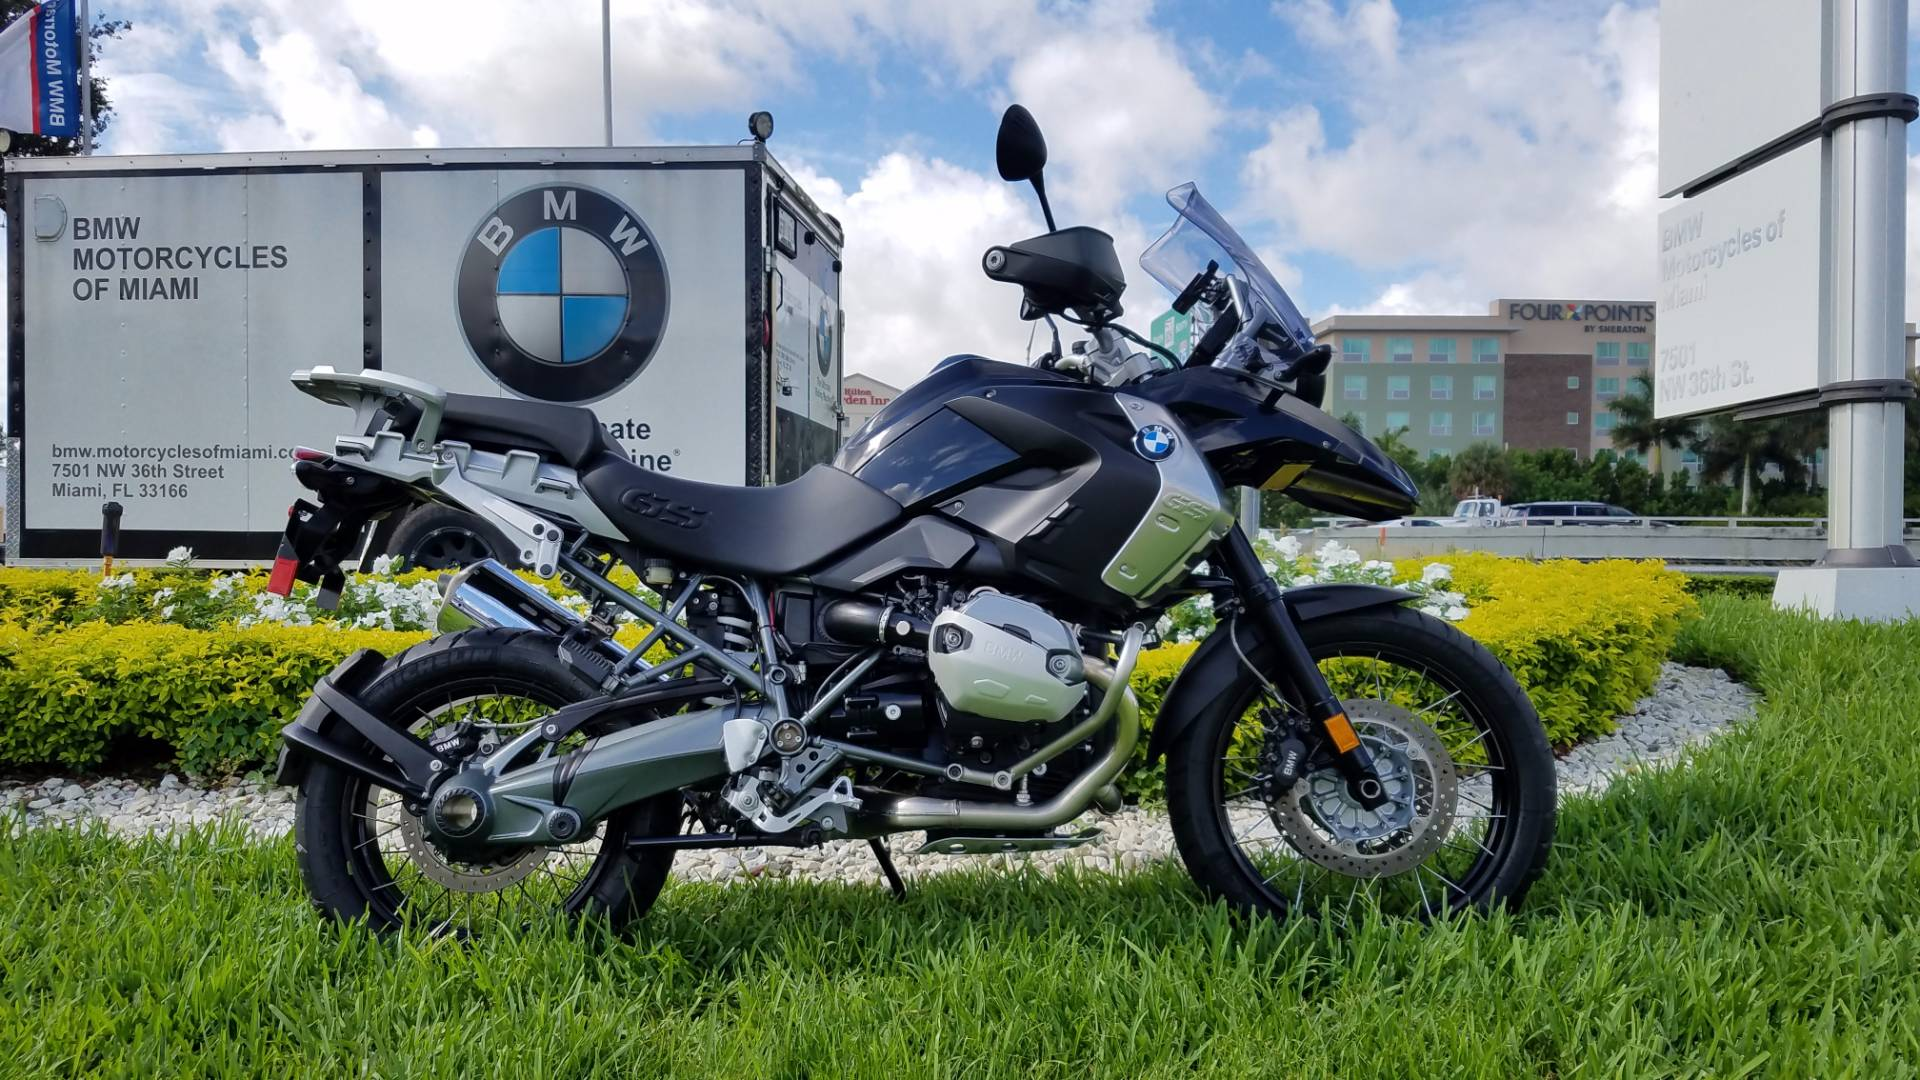 2012 R 1200 GS